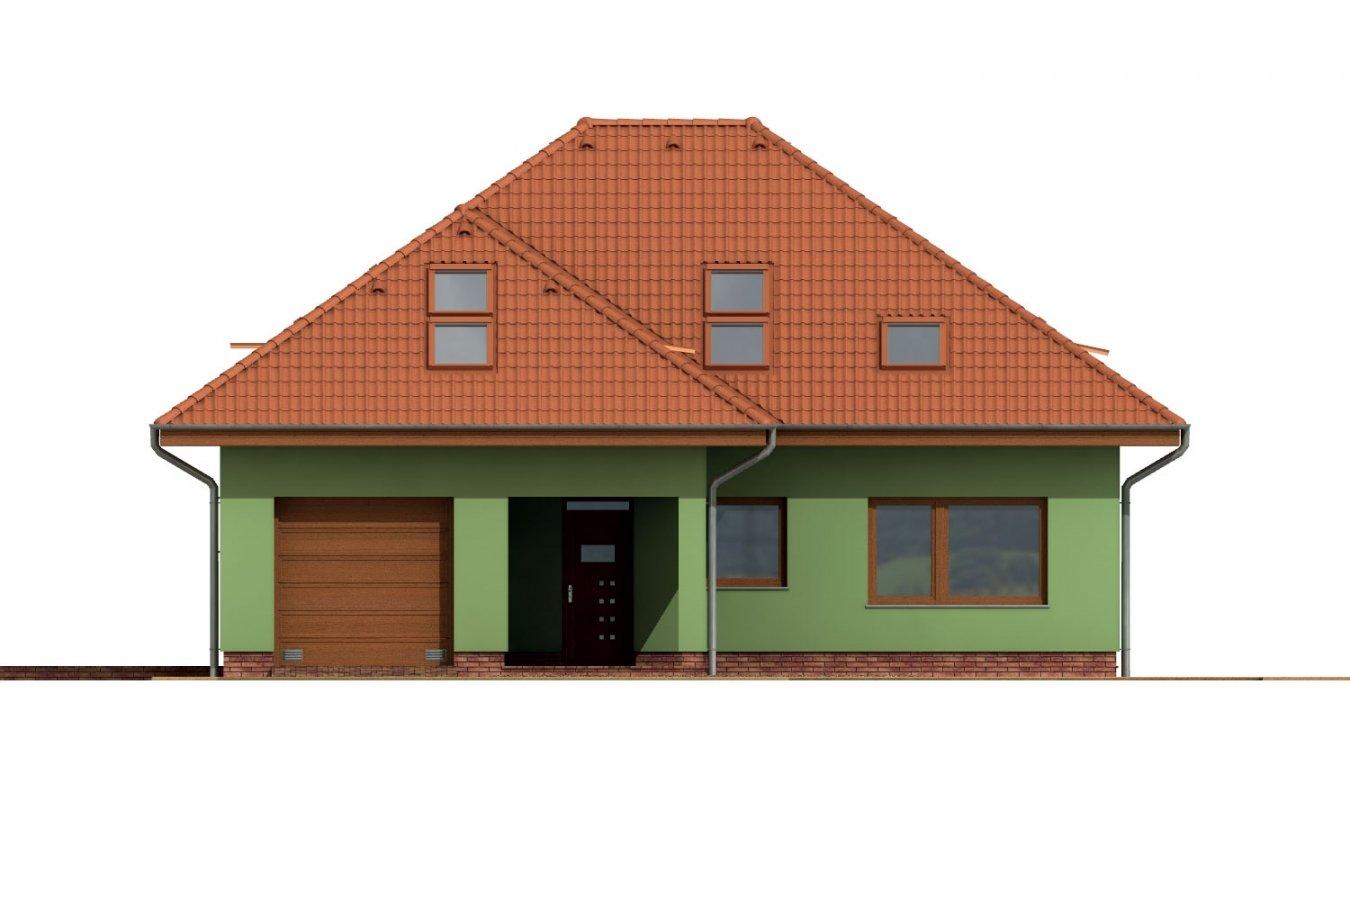 Pohľad 1. - Dom s garážou a podkrovnými izbami